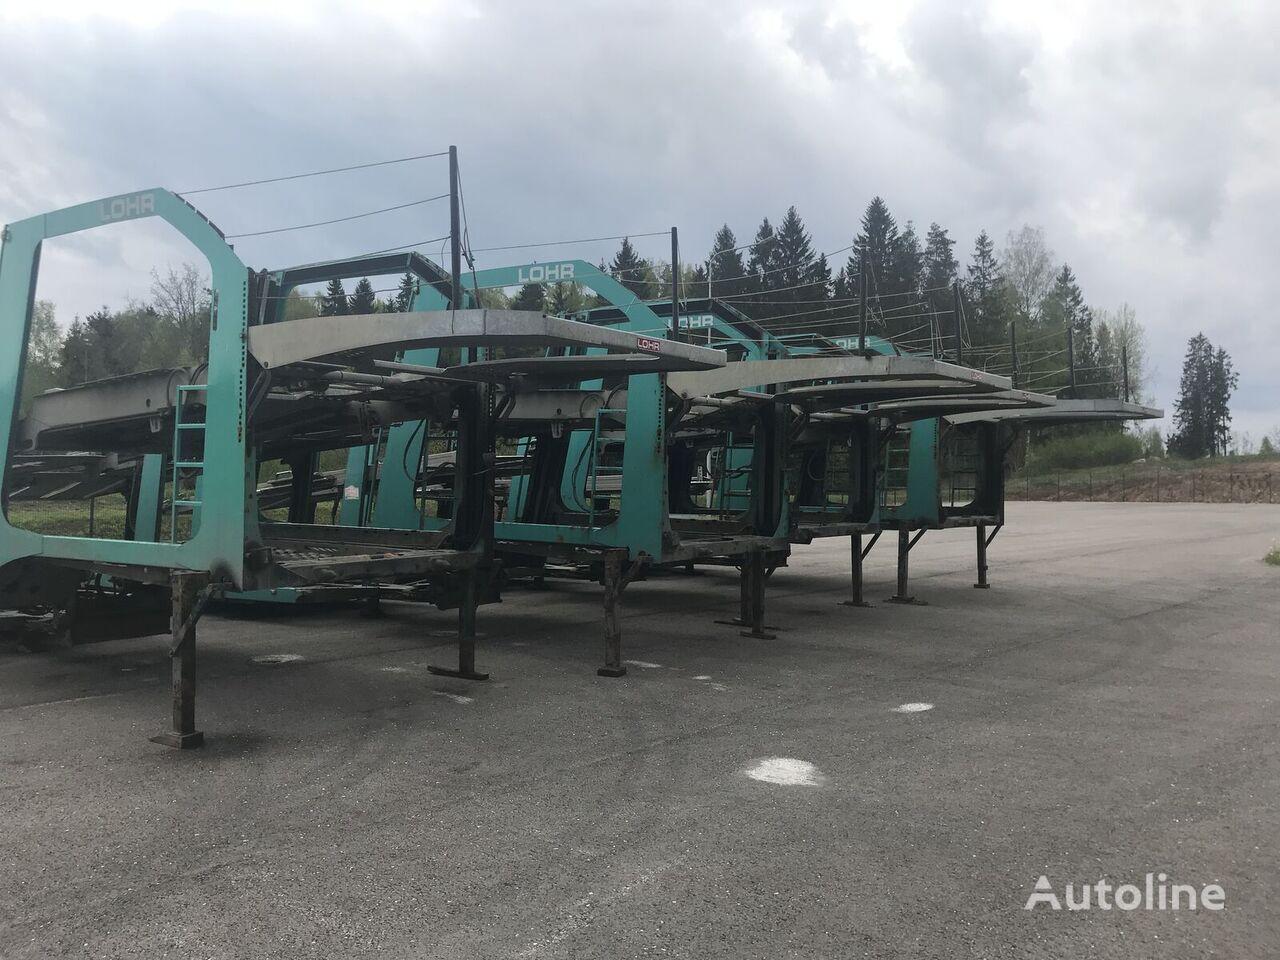 náves na prevoz automobilov LOHR Eurolohr 1.21 EUROLOHR 1.21 FULL GALVANIZED